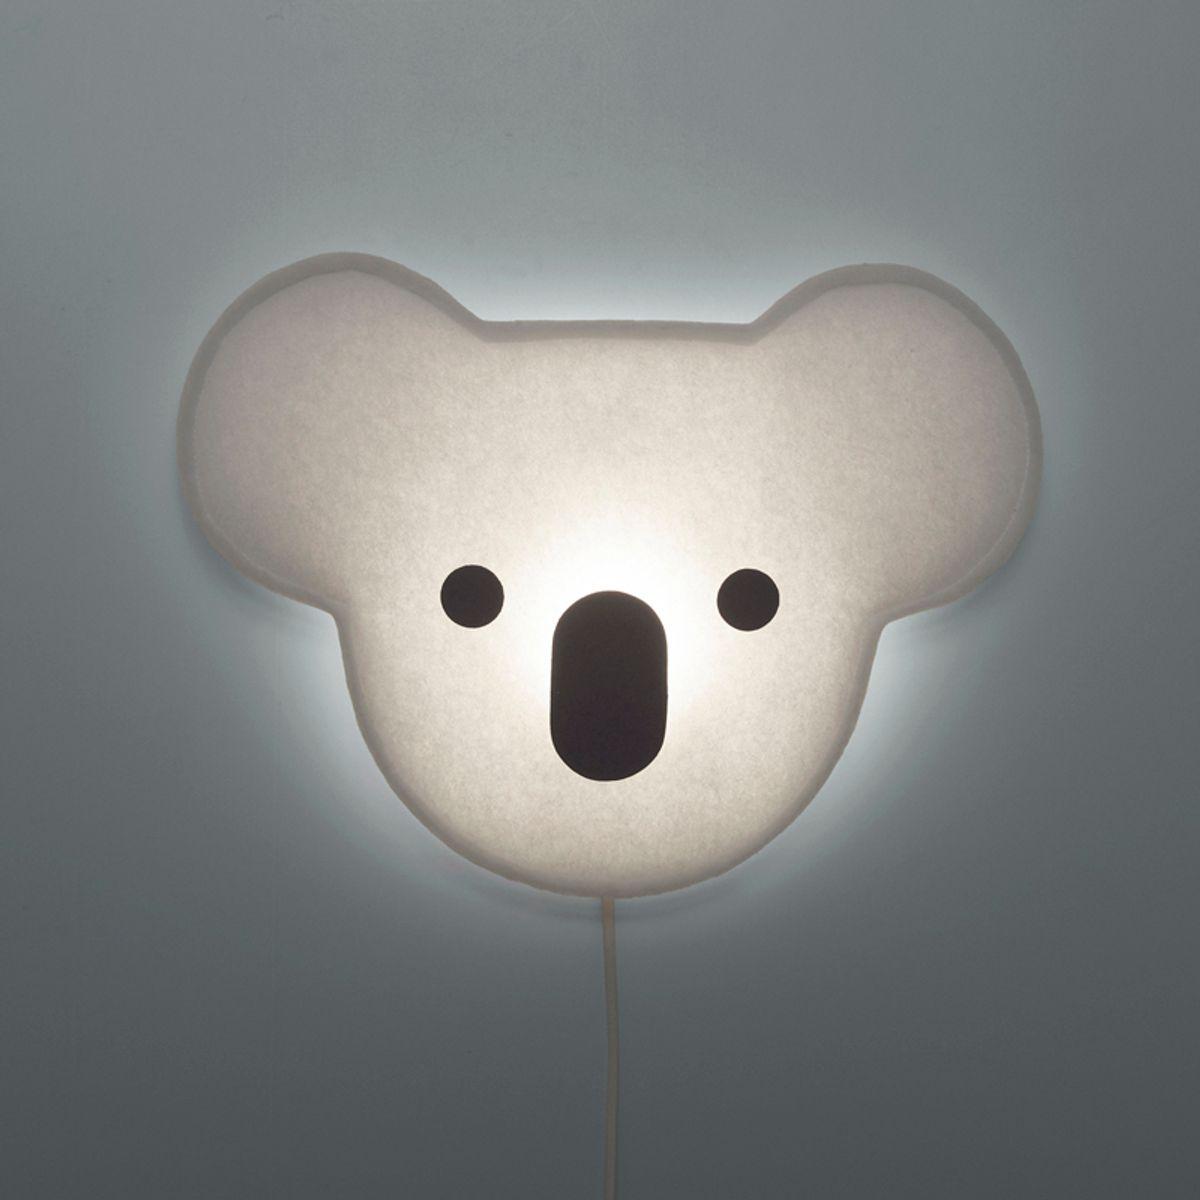 wandlampe koala mit kabel und stecker von buokids. Black Bedroom Furniture Sets. Home Design Ideas